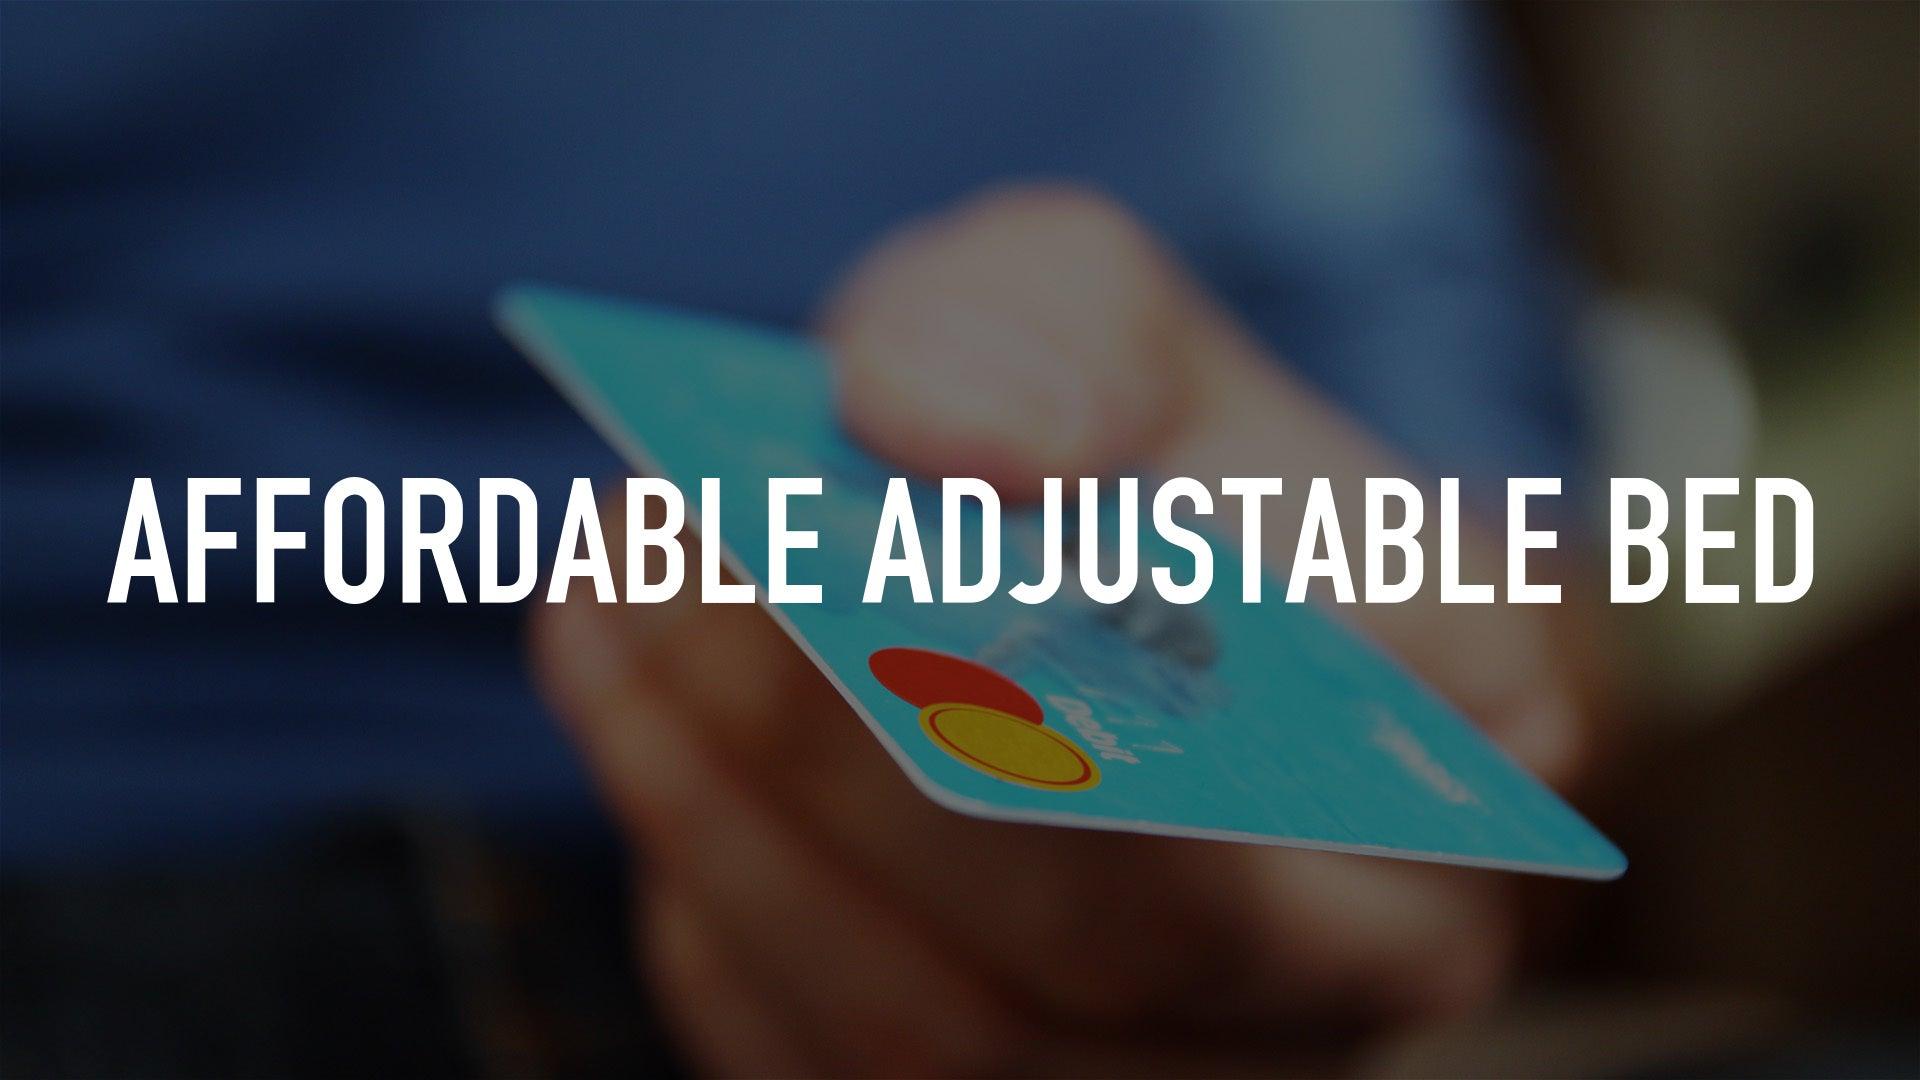 Affordable Adjustable Bed